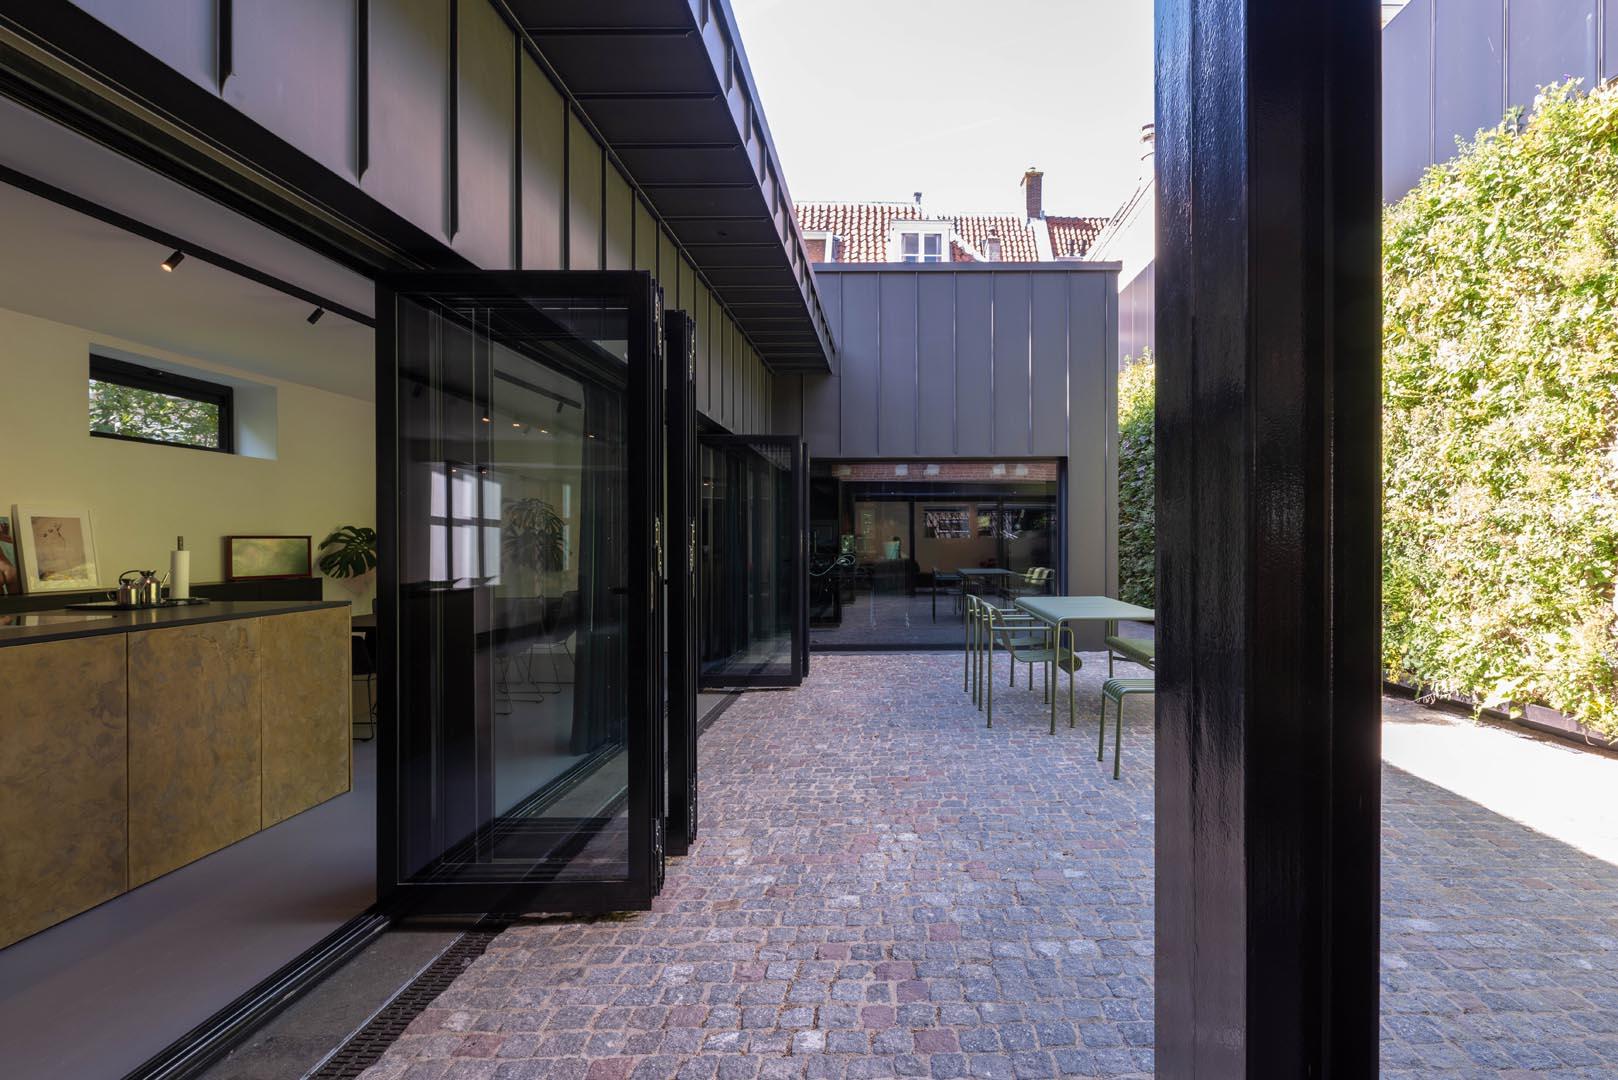 verbouw-nieuwbouw-woonhuis-stadsvilla-utrecht-1618×1080-06